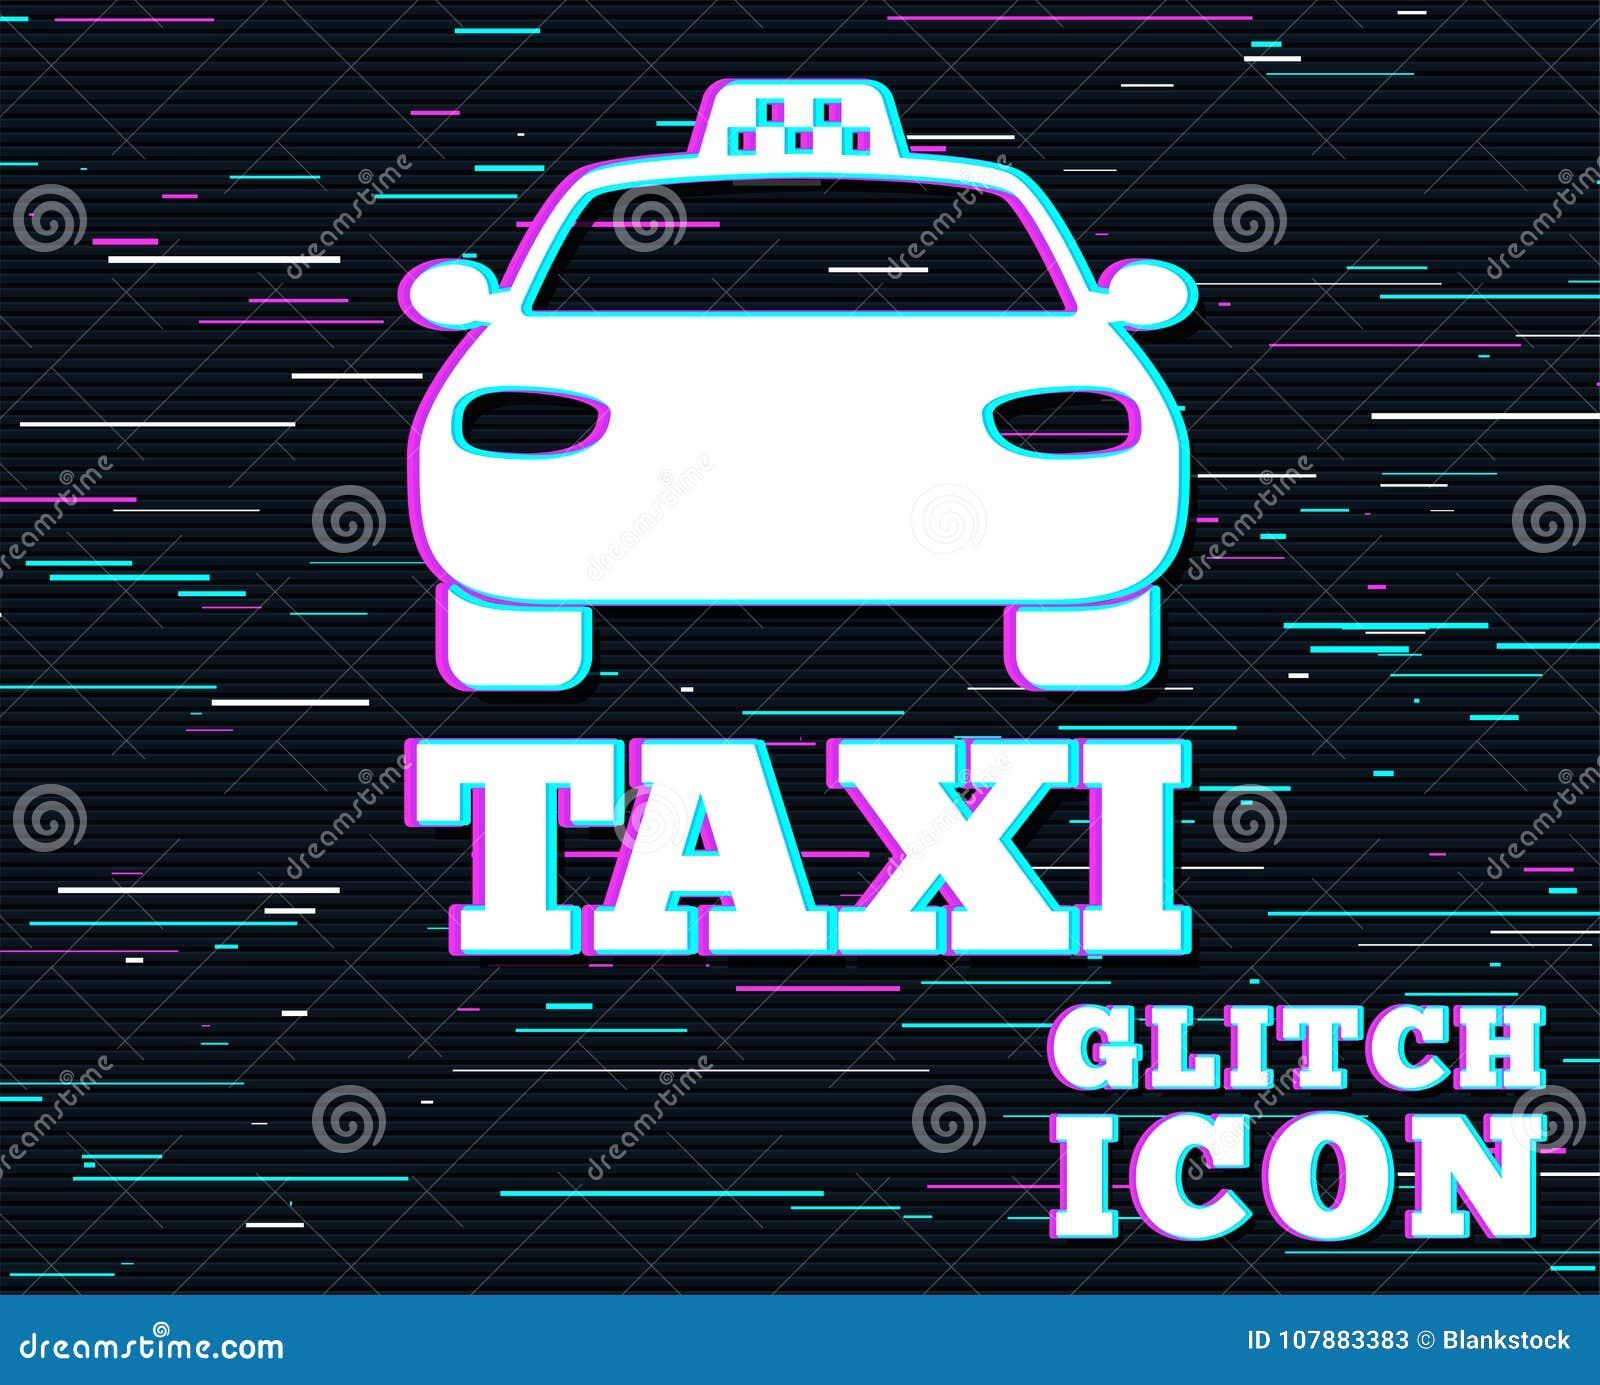 Het tekenpictogram van de taxiauto Openbaar vervoersymbool